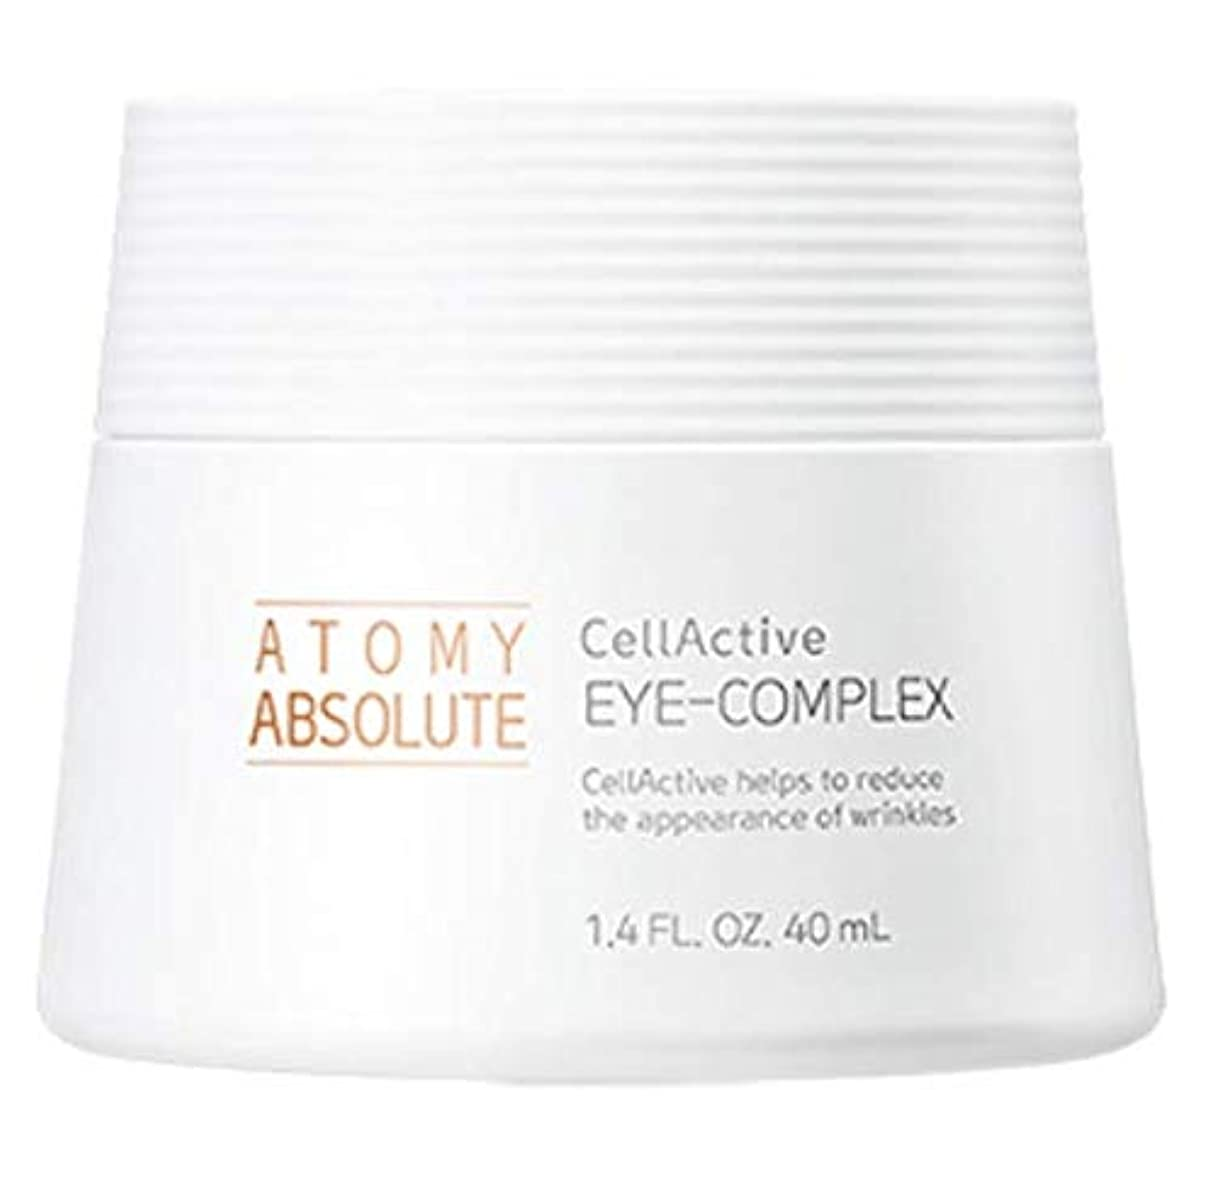 伝統的側面染色アトミエイソルート セレクティブ アイクリームAtomy Celective Absolute Eye-Complex 40ml [並行輸入品]